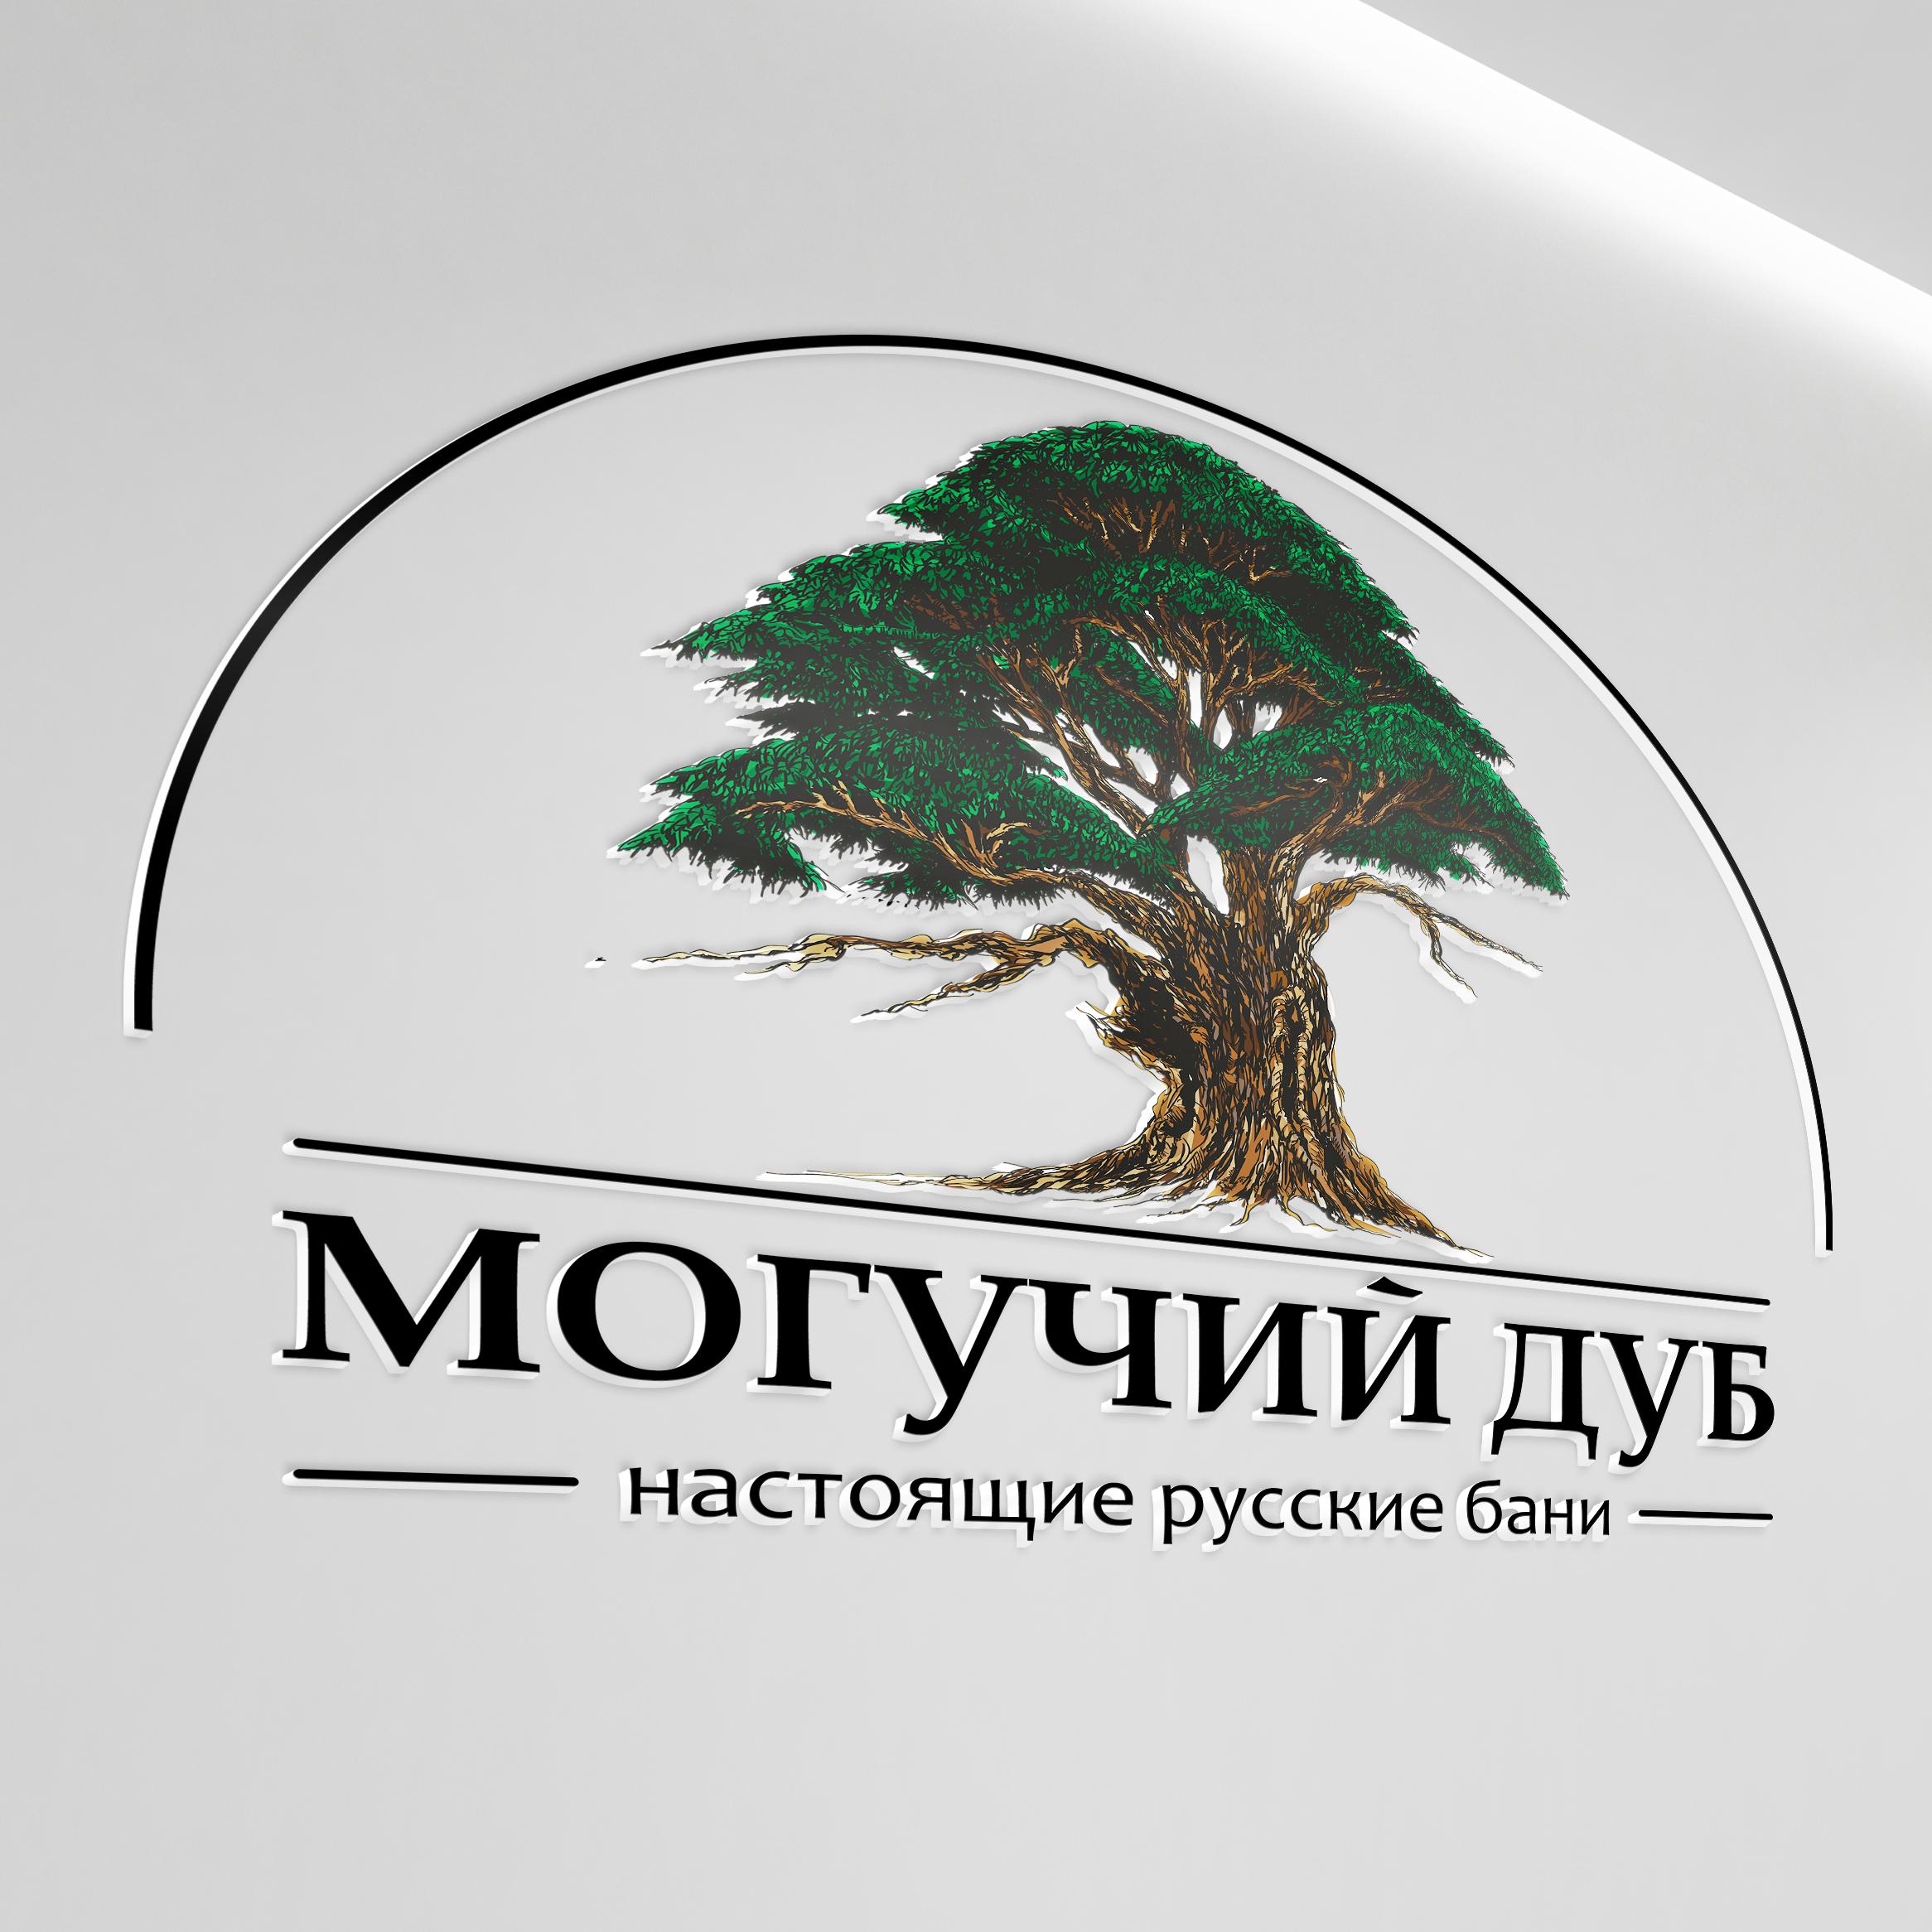 создание логотипа для производителя бань